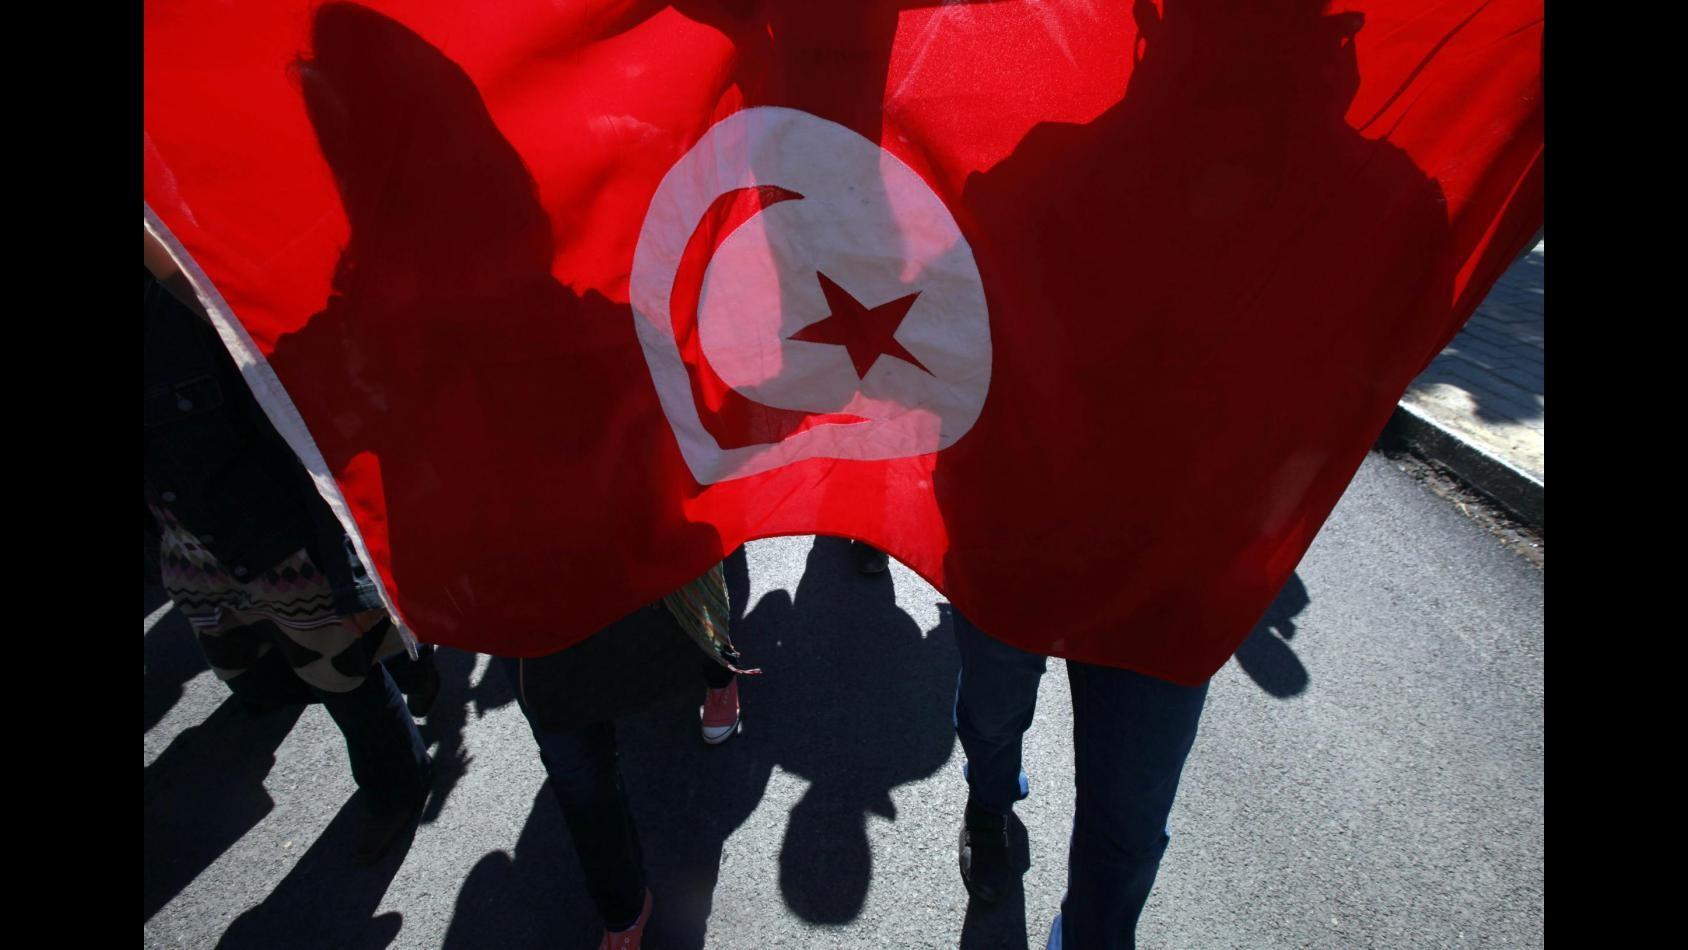 Tunisia vota a 4 anni da rivoluzione: sfide lavoro e terrorismo